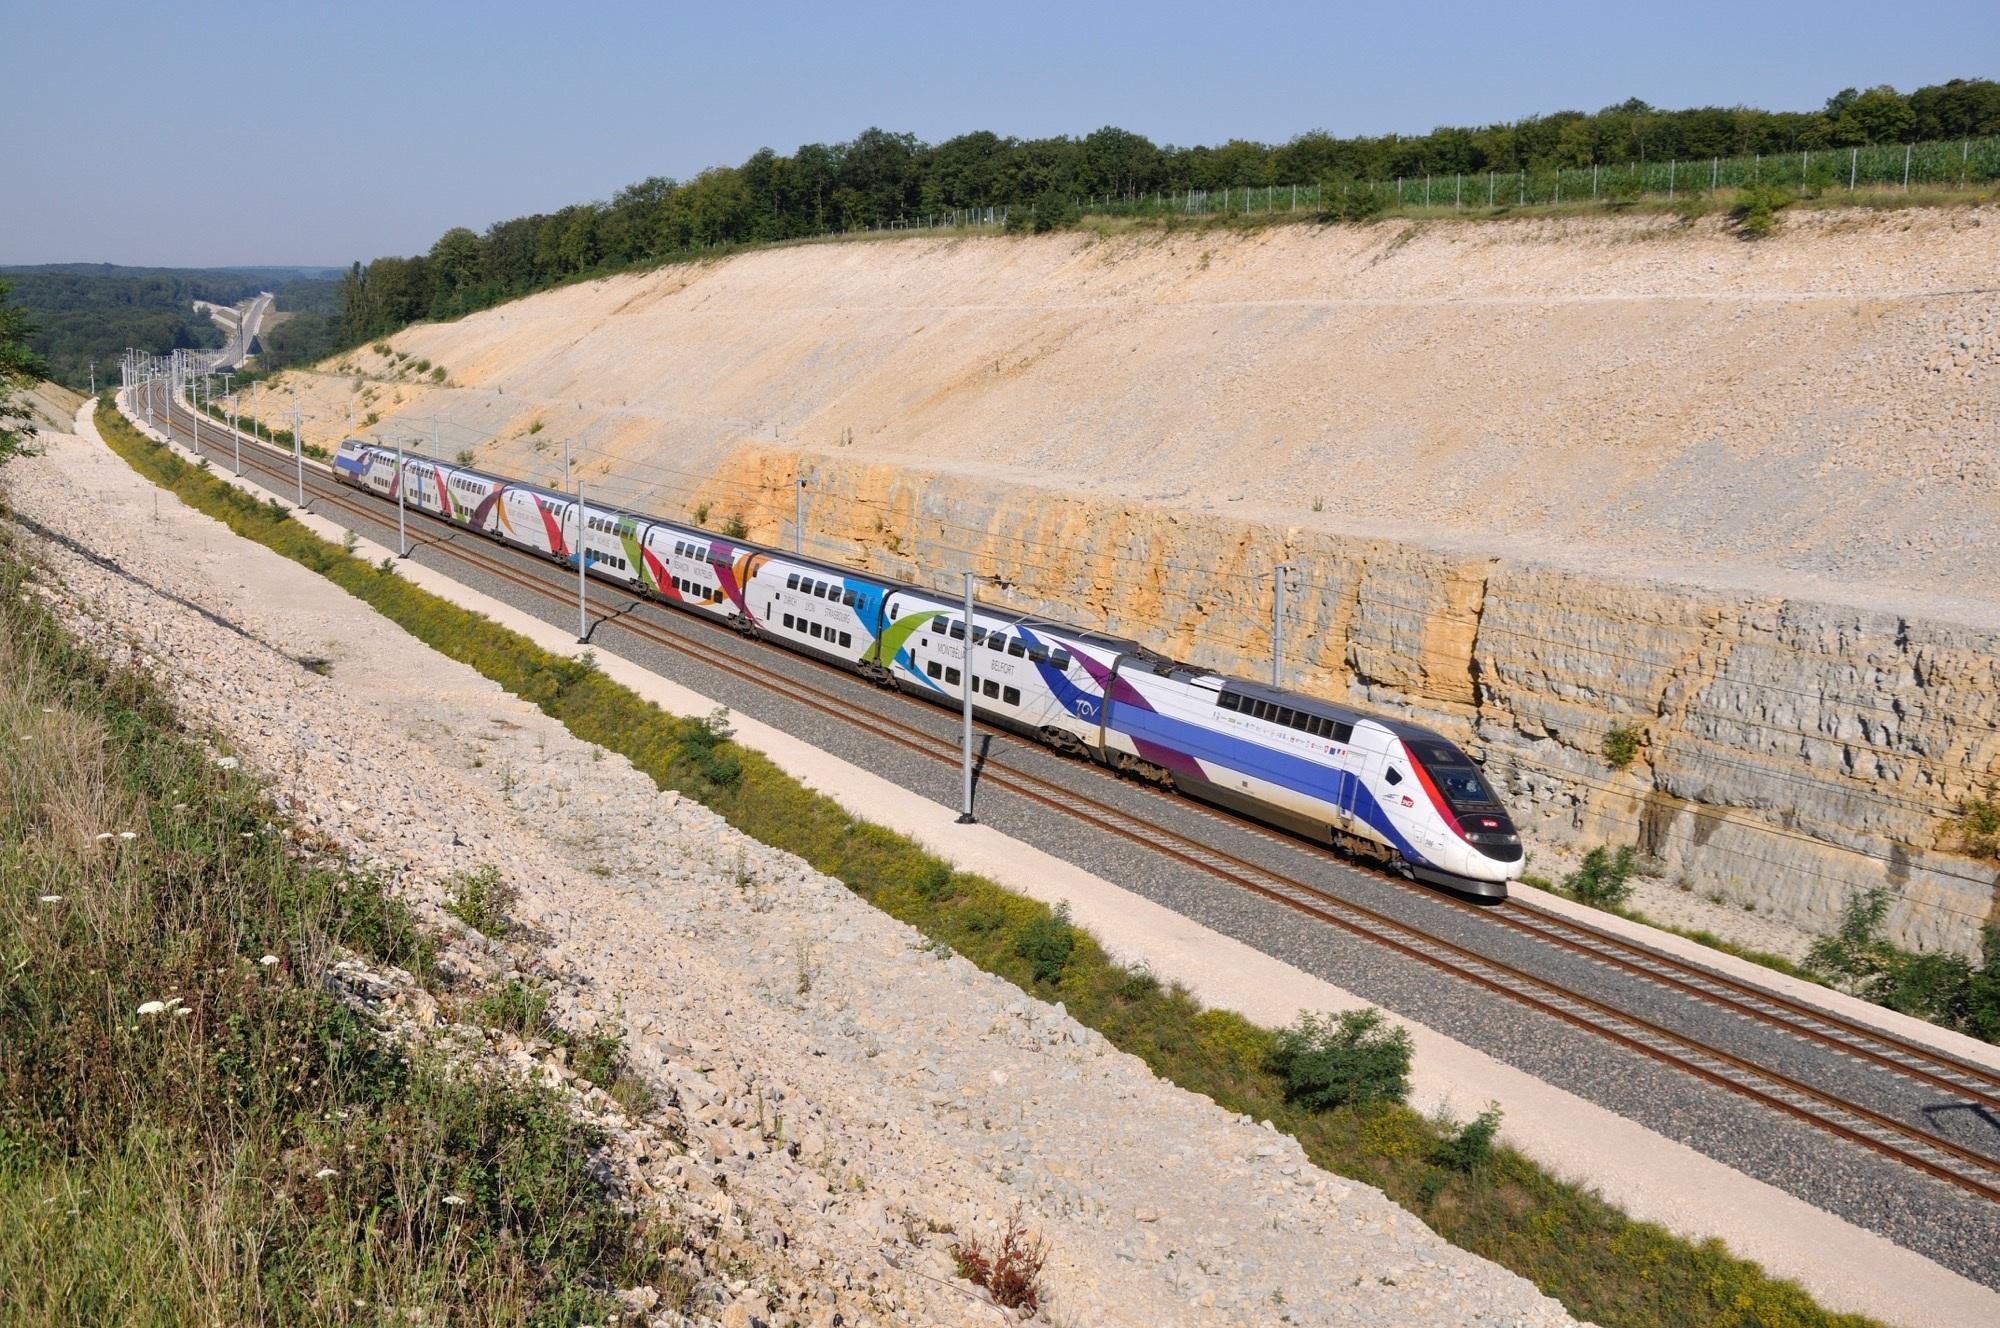 un train en mouvement sur les rails